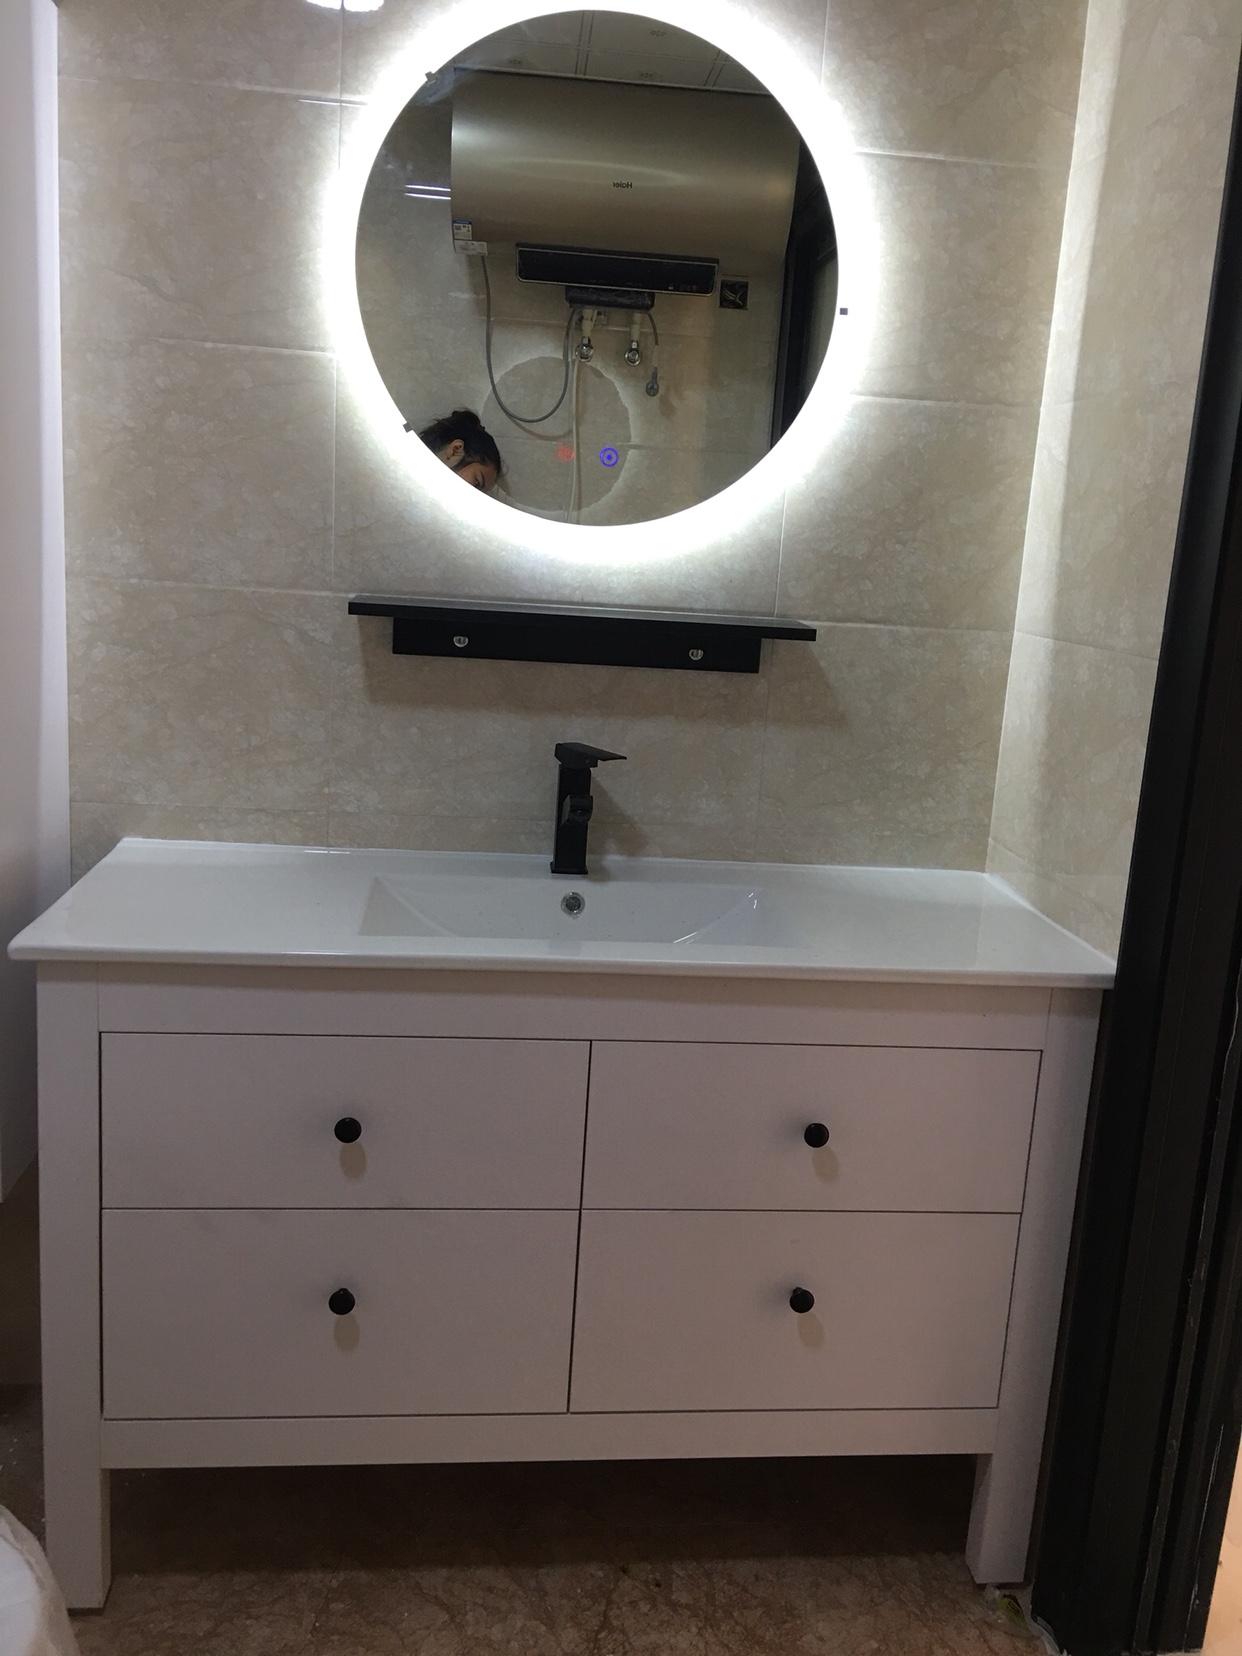 用户体验诗琳纳S20浴室柜评价如何,想了解评价看这里!